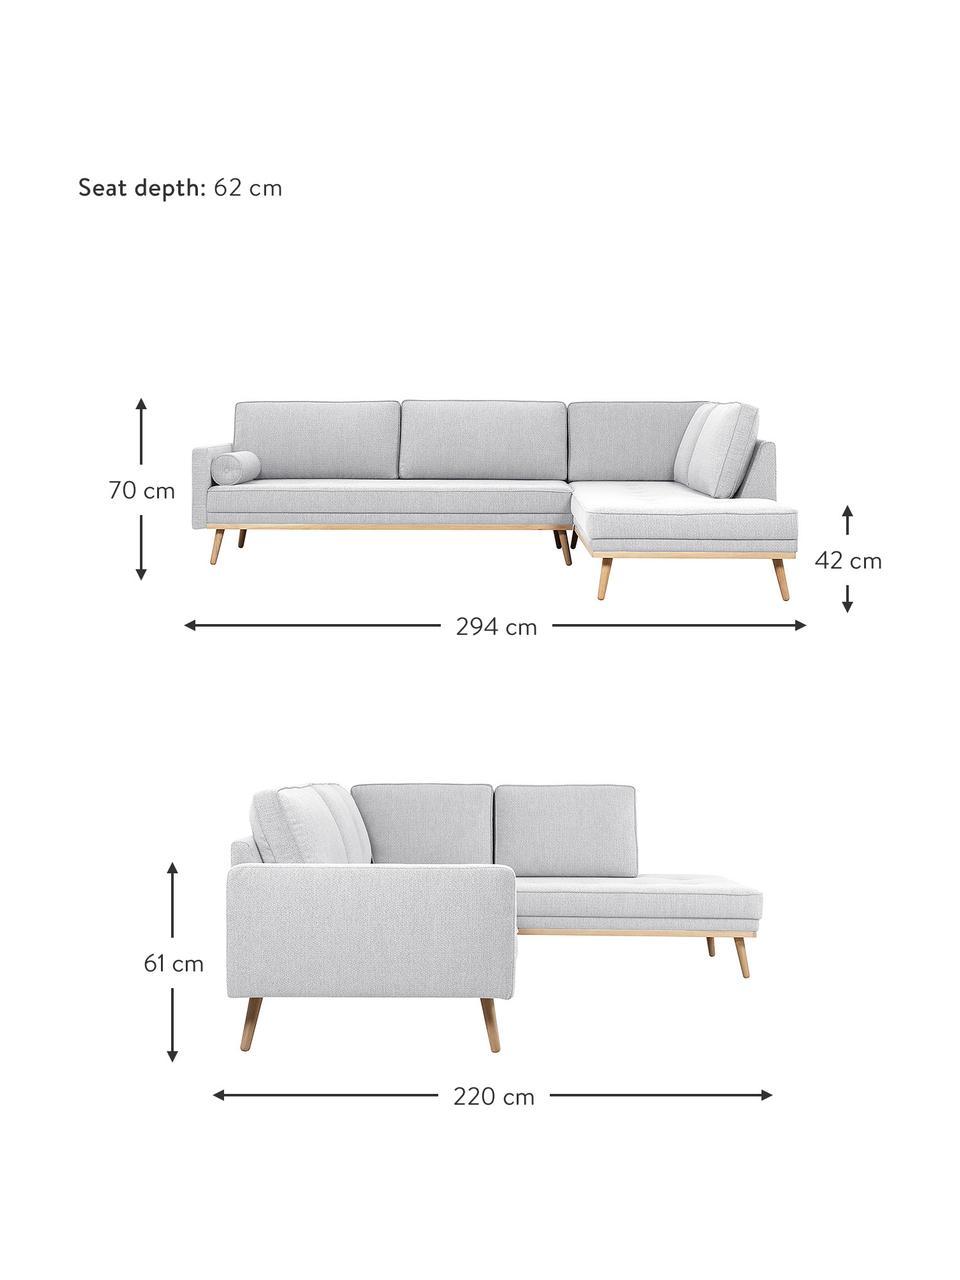 Sofa narożna  z nogami z drewna dębowego Saint (4-osobowa), Tapicerka: poliester Dzięki tkaninie, Jasny szary, S 294 x G 220 cm